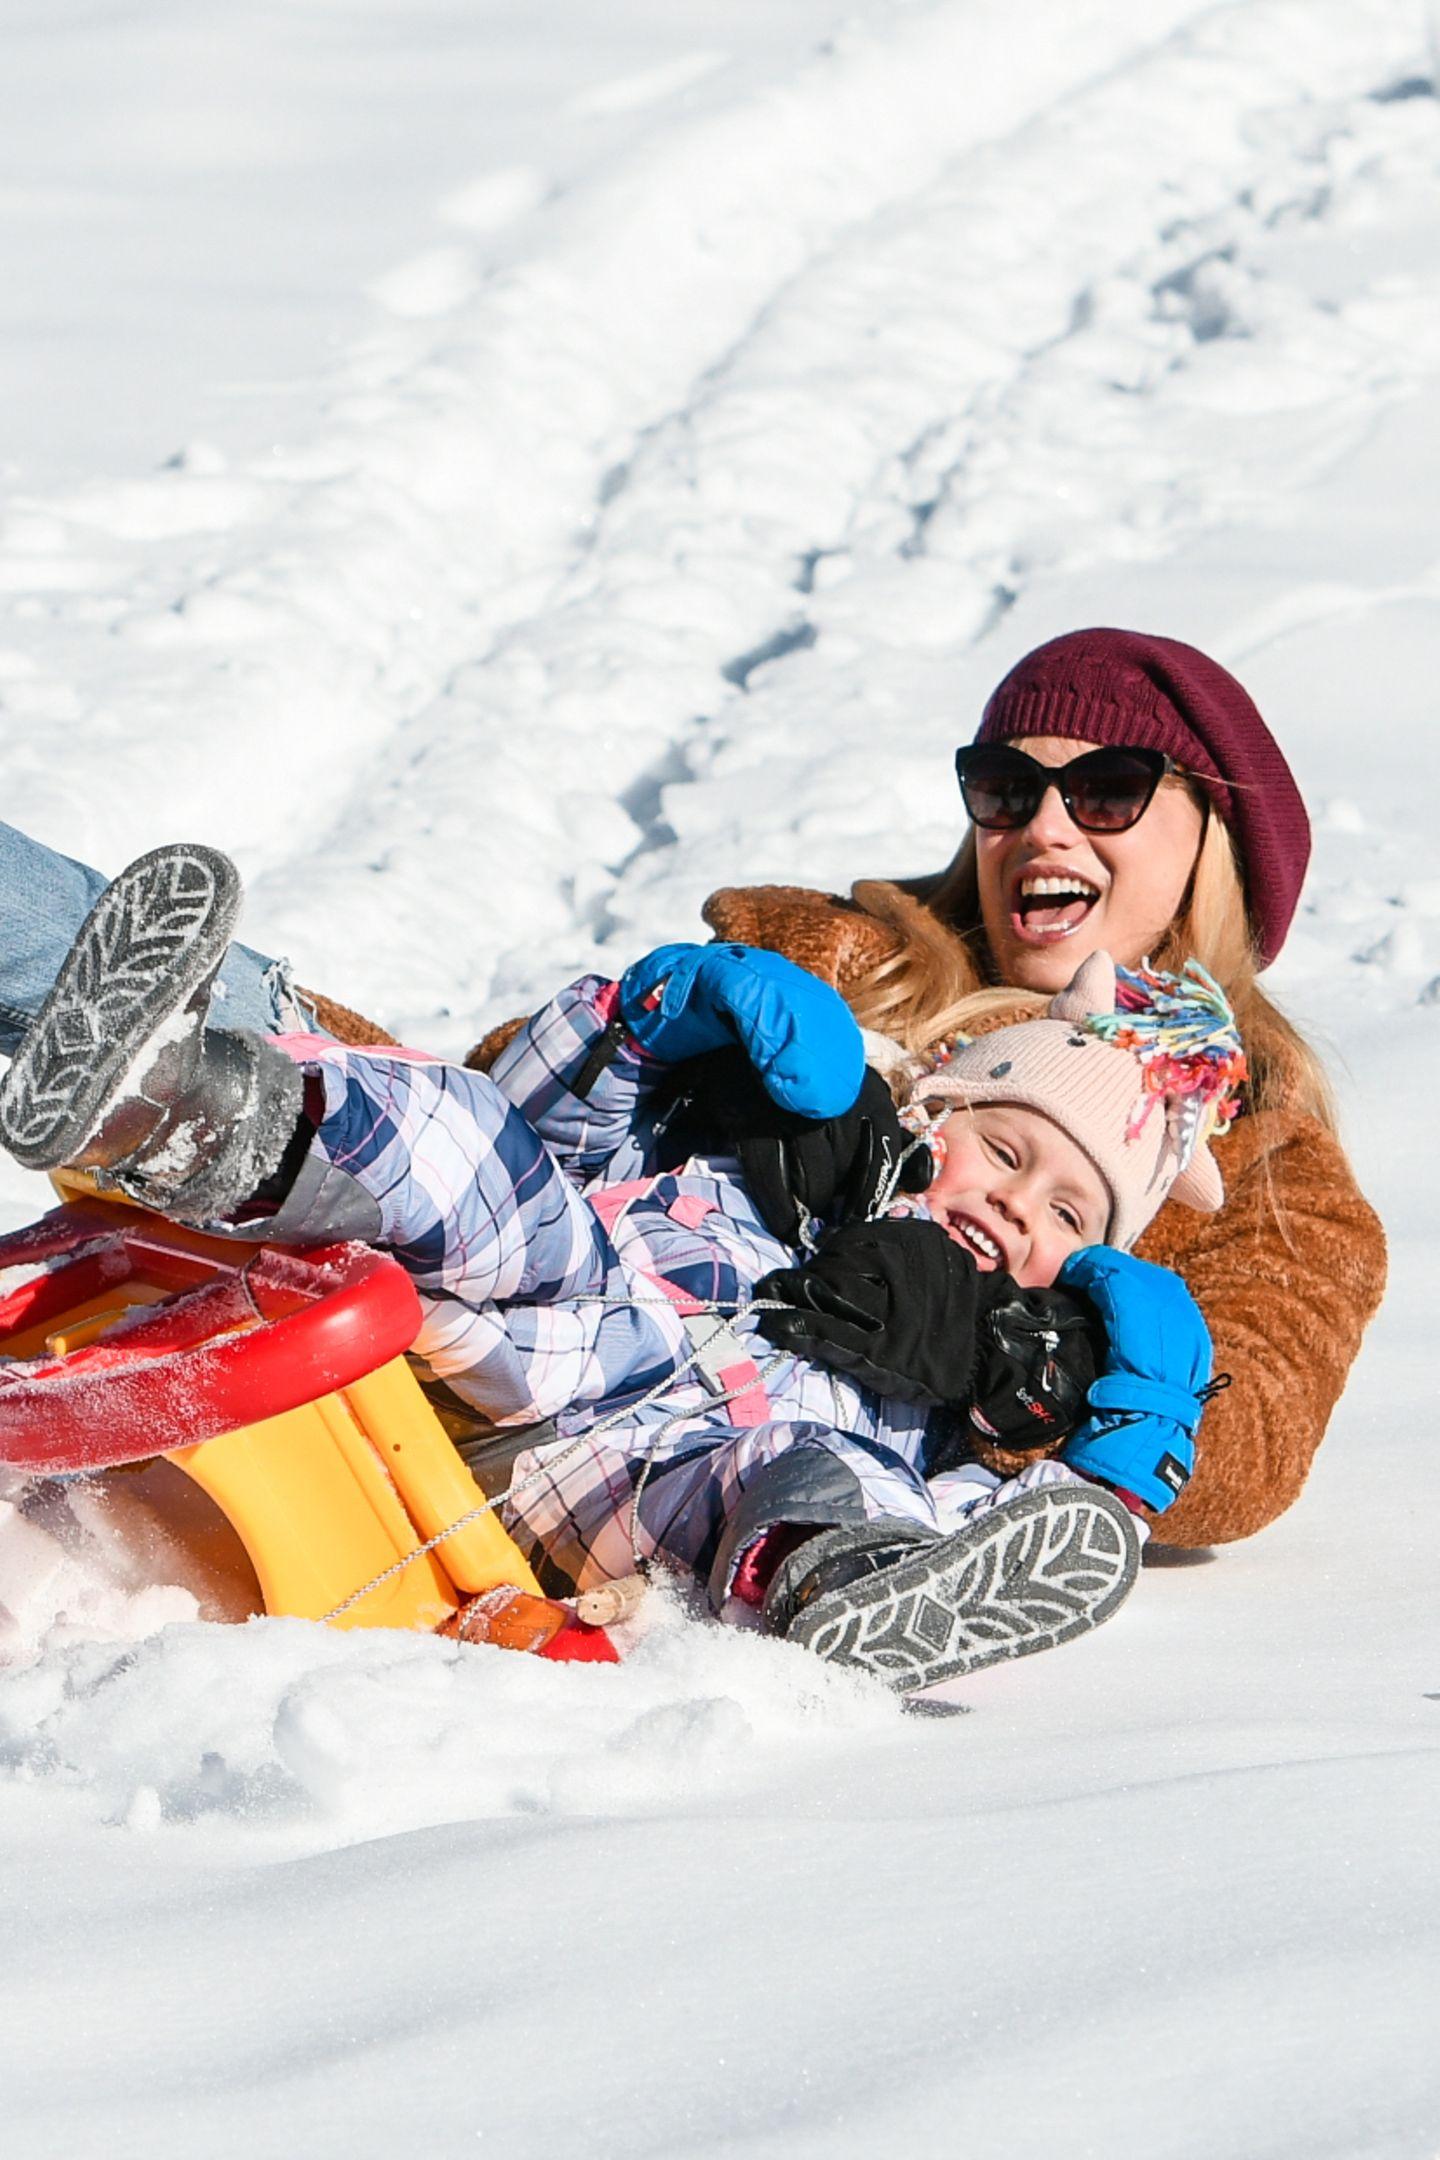 Dann können sie Vollgas geben! Michelle Hunziker und Tochter Celeste lehnen sich mit vollem Körpereinsatz in die Kurve- und machen eine Landung in denSchnee.